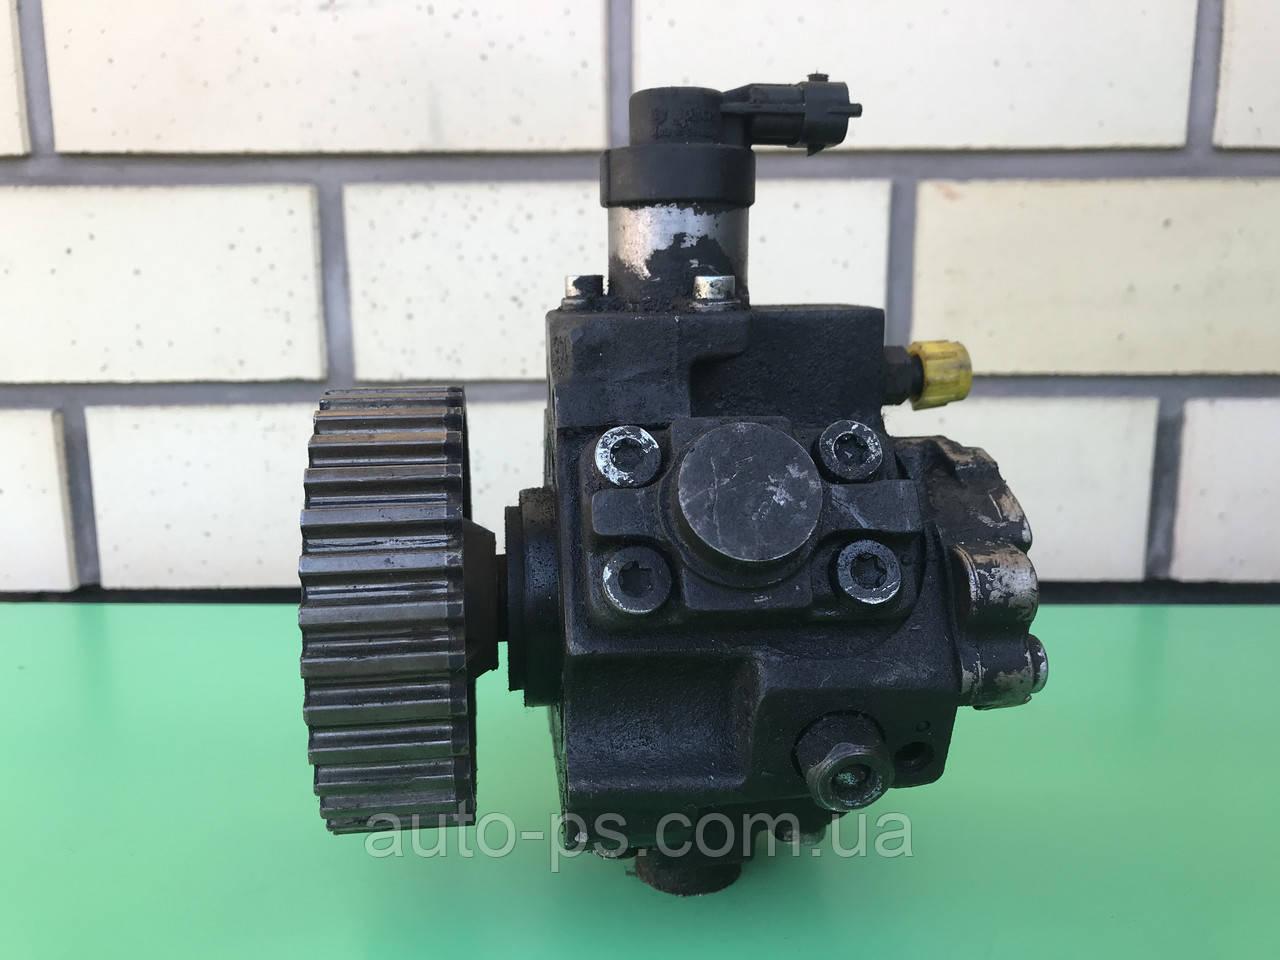 Топливный насос высокого давления (ТНВД) Peugeot 407 1.6HDI